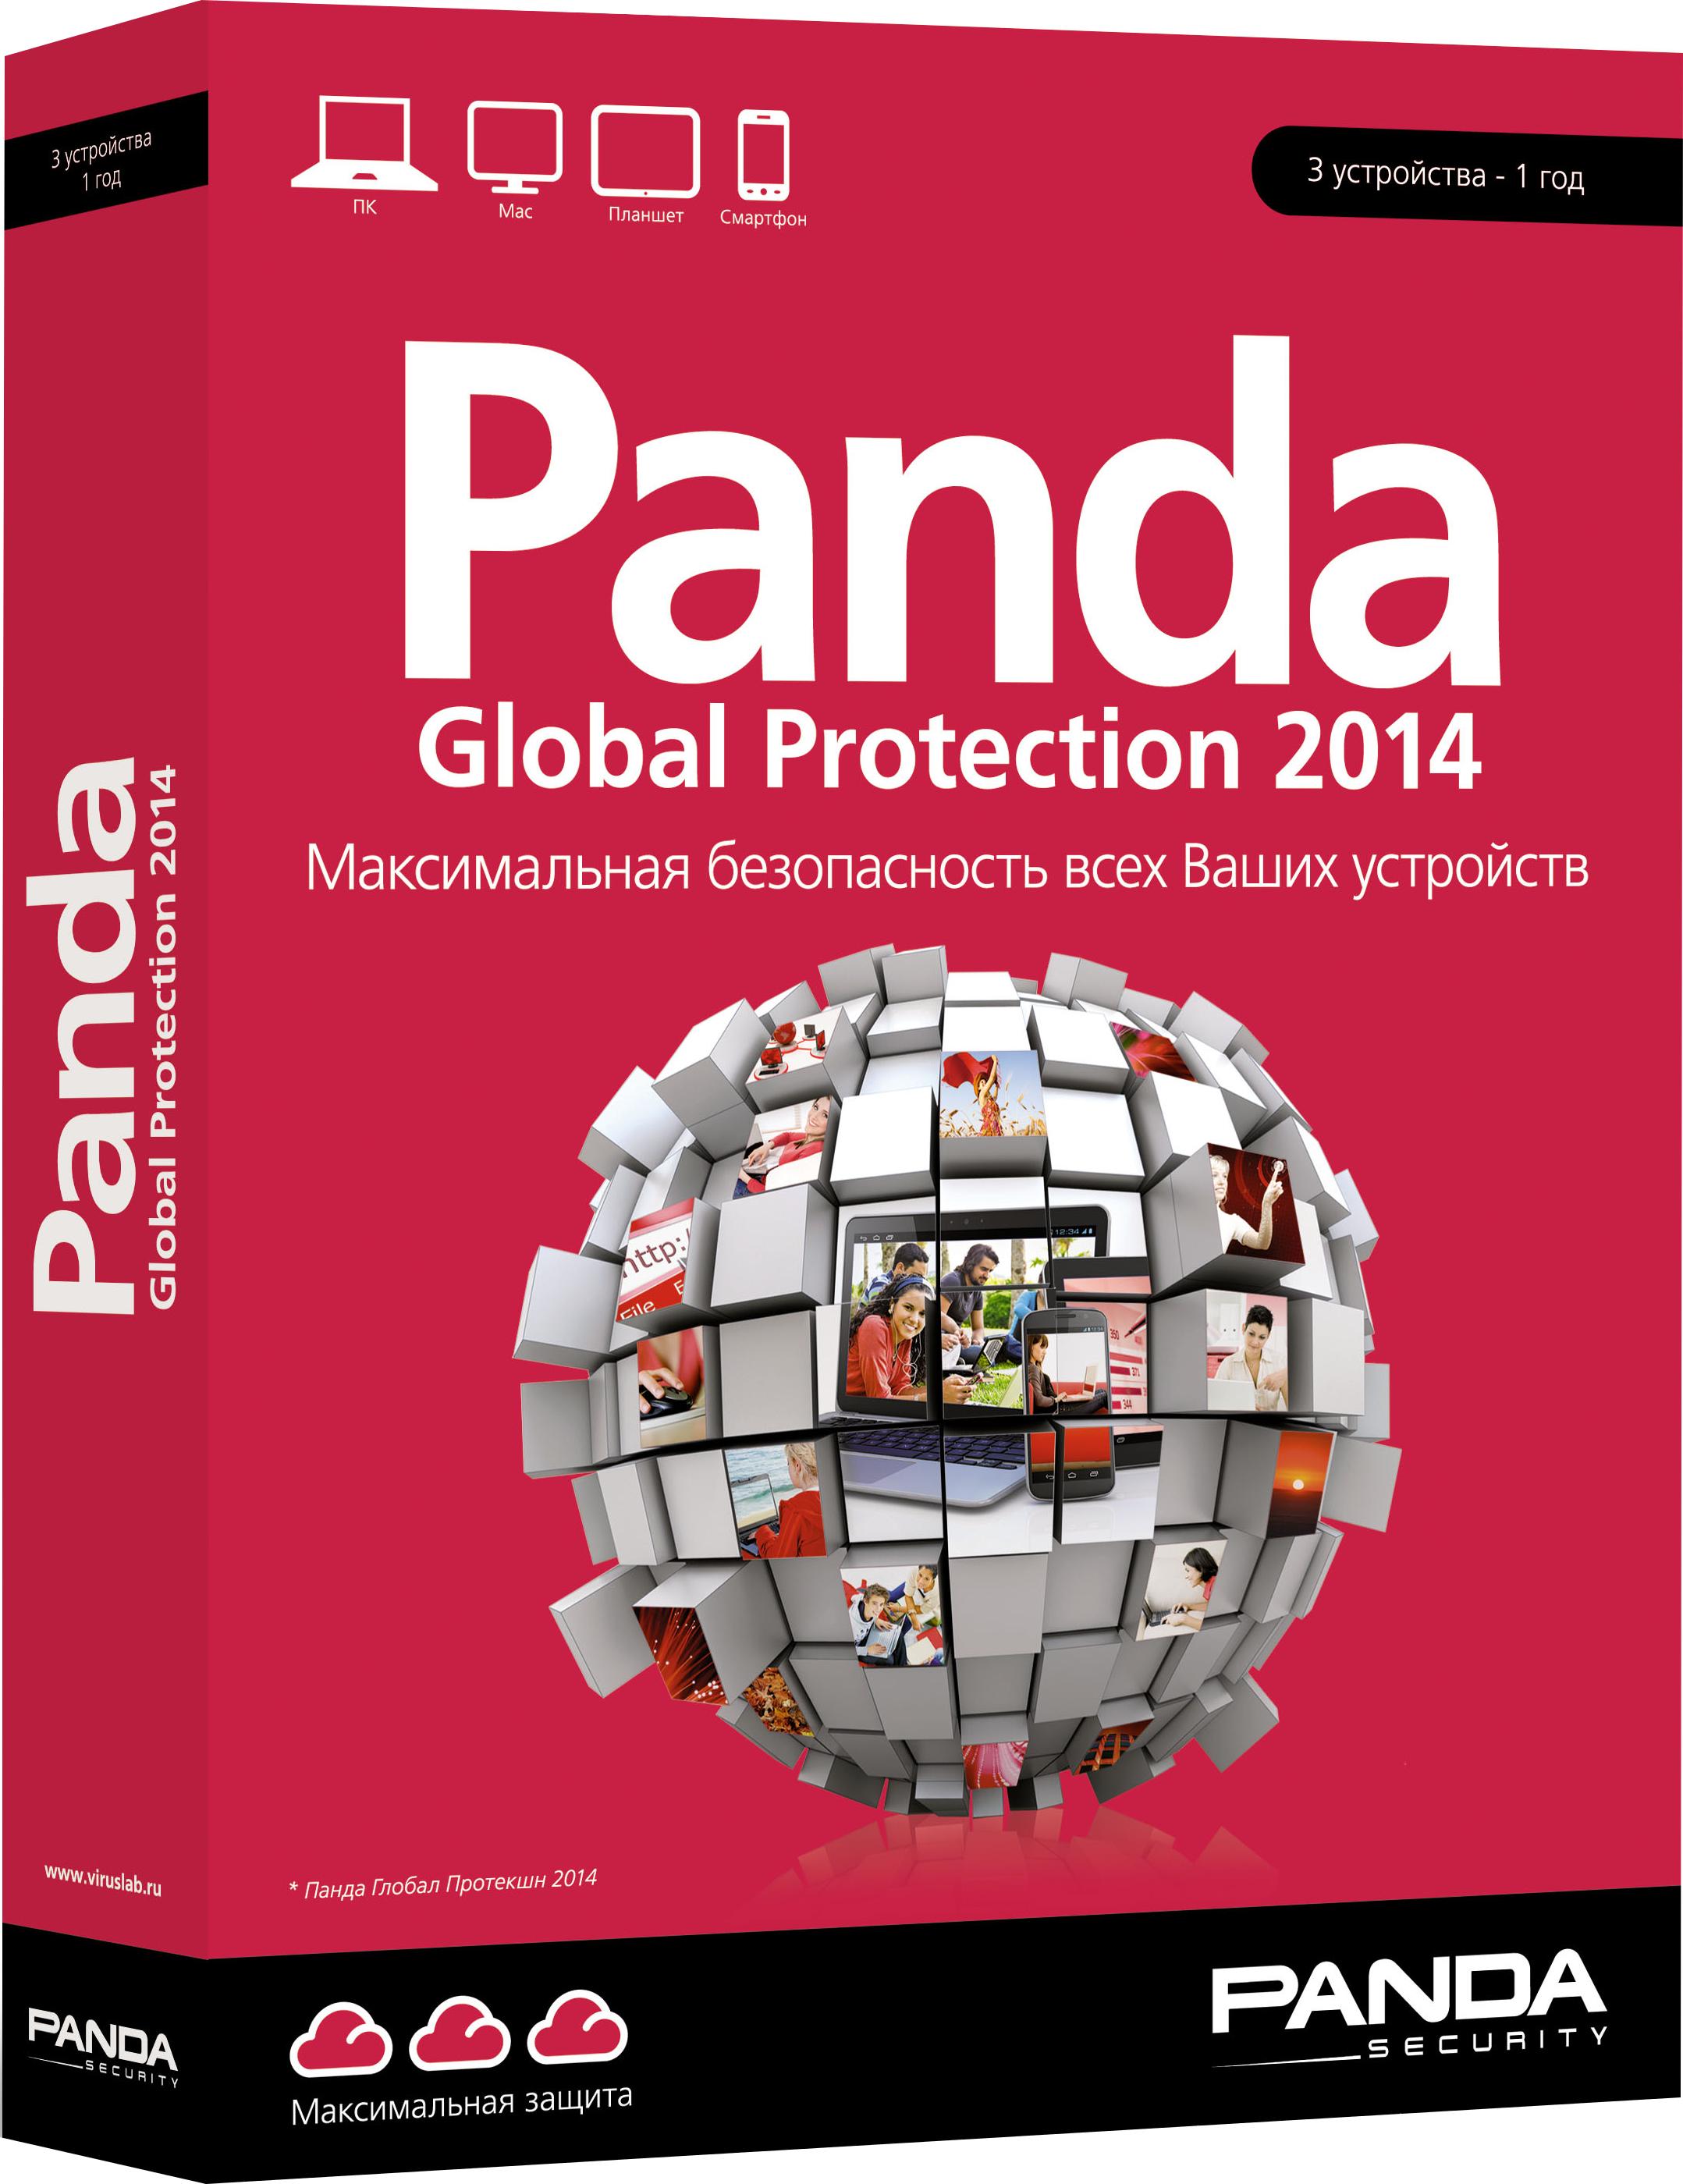 Panda Global Protection 2014 (3 устройства, 1 год)Комплексный антивирус Panda Global Protection 2014 защищает все ваши данные независимо от используемого устройства или операционной системы.<br>